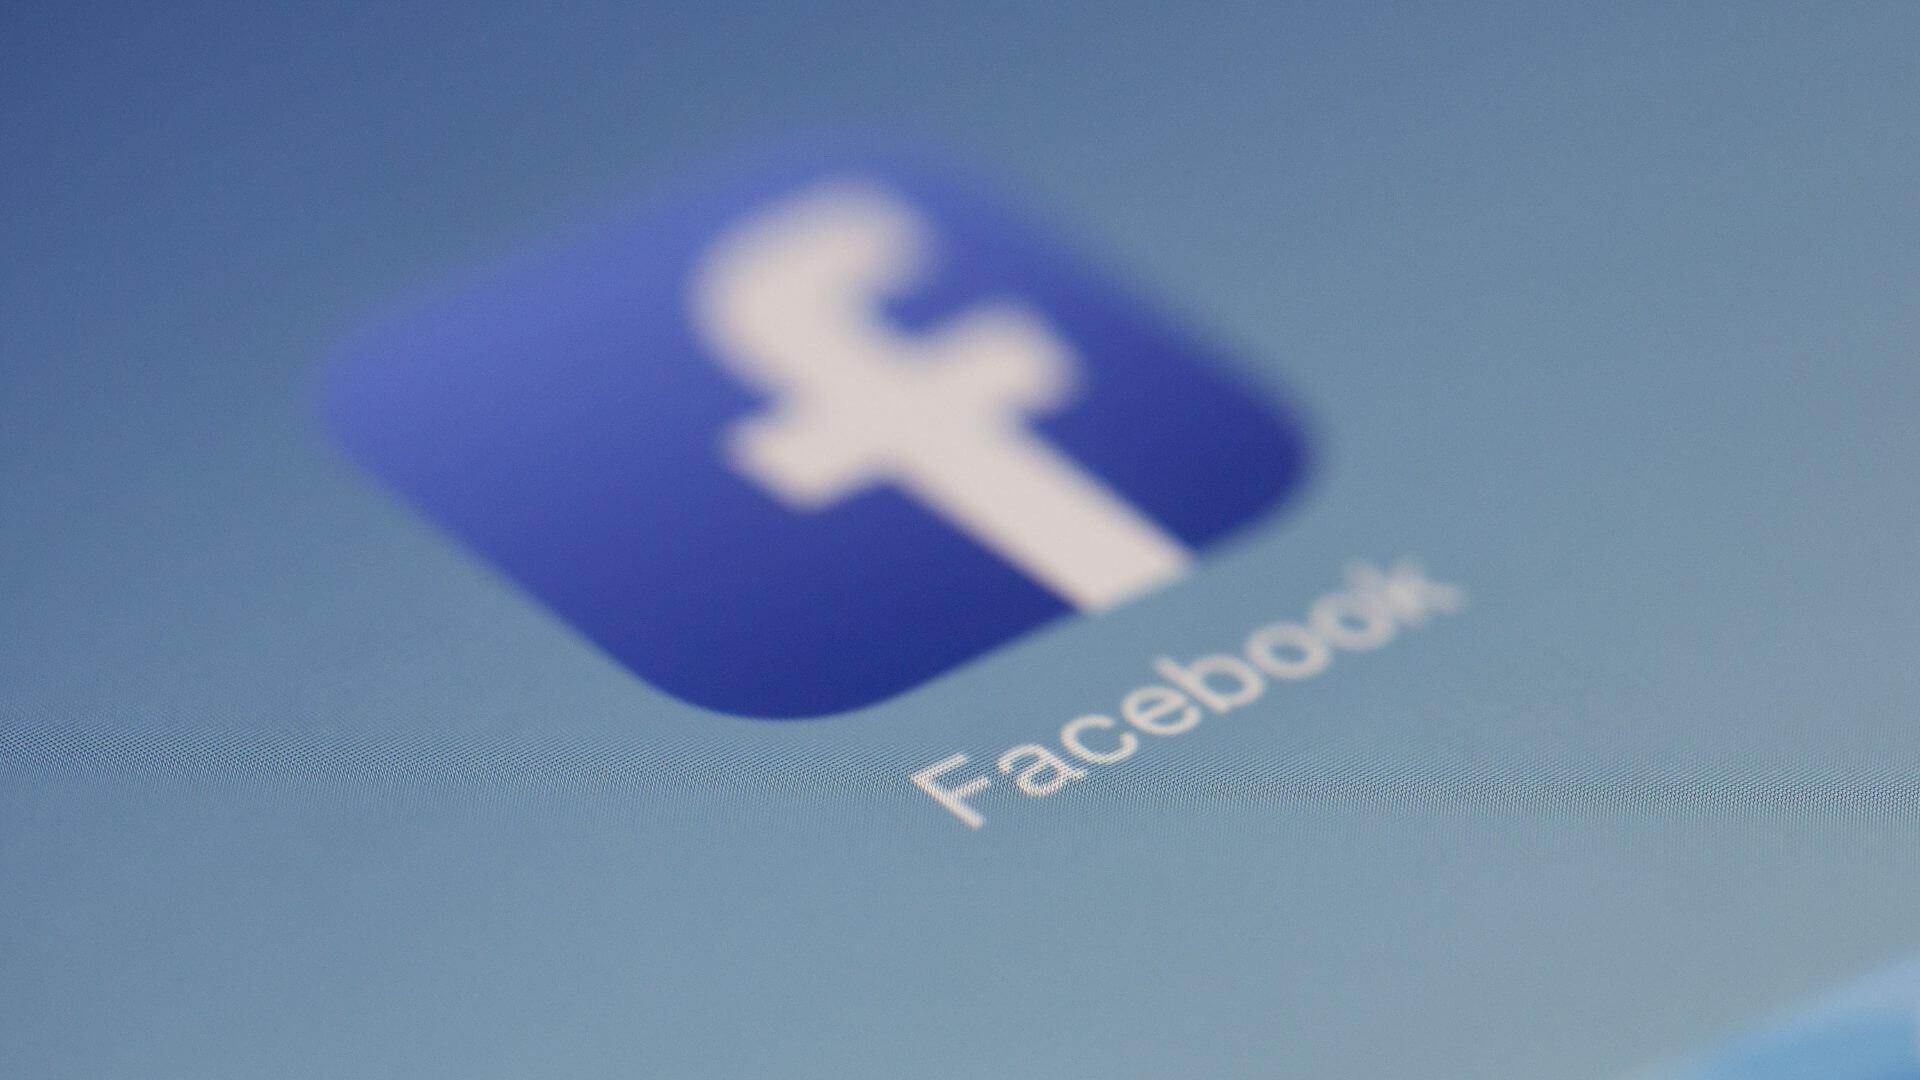 Dlaczego warto reklamować się na Facebooku? Poznaj 5 powodów